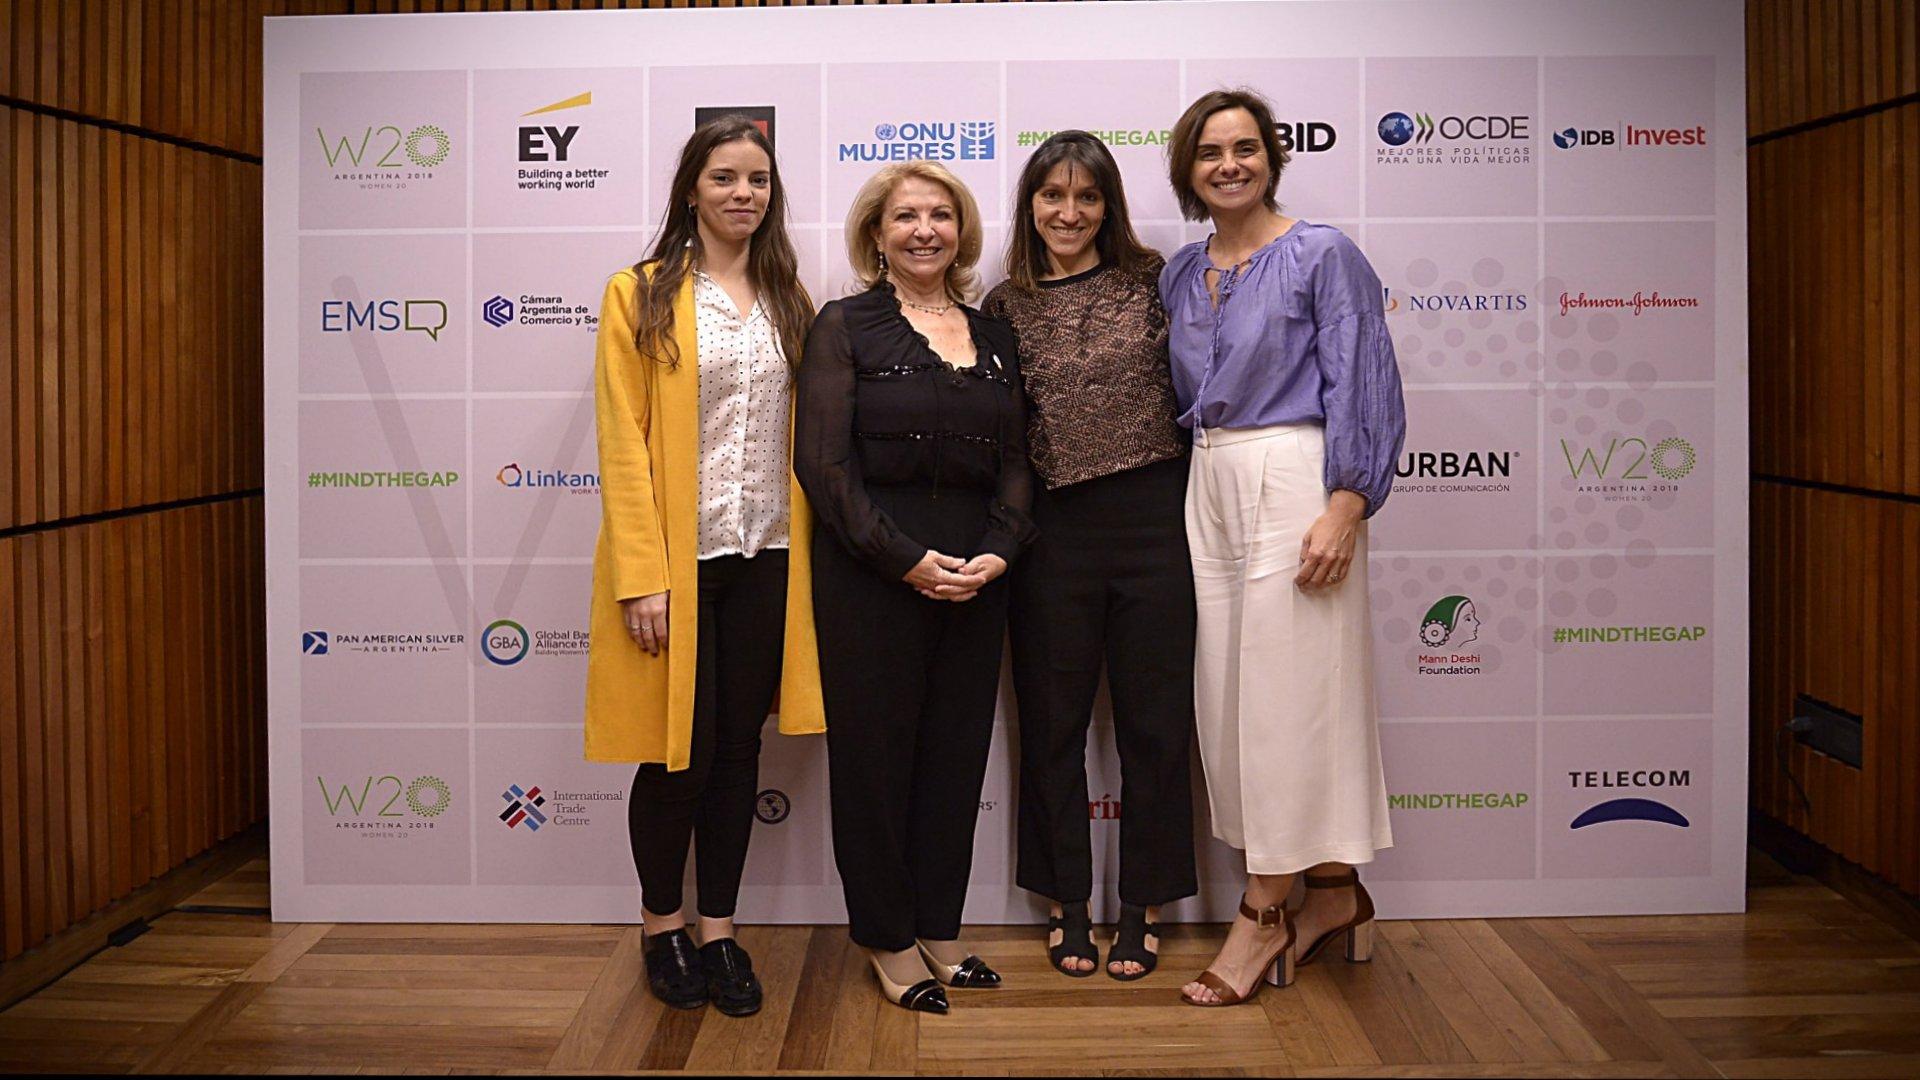 El equipo del W20: la Directora de Asuntos Institucionales, Victoria Marenssi; la chair Susana Balbo, Carolina Villanueva, Directora de Contenidos; y Juliana Bonetto, directora Ejecutiva